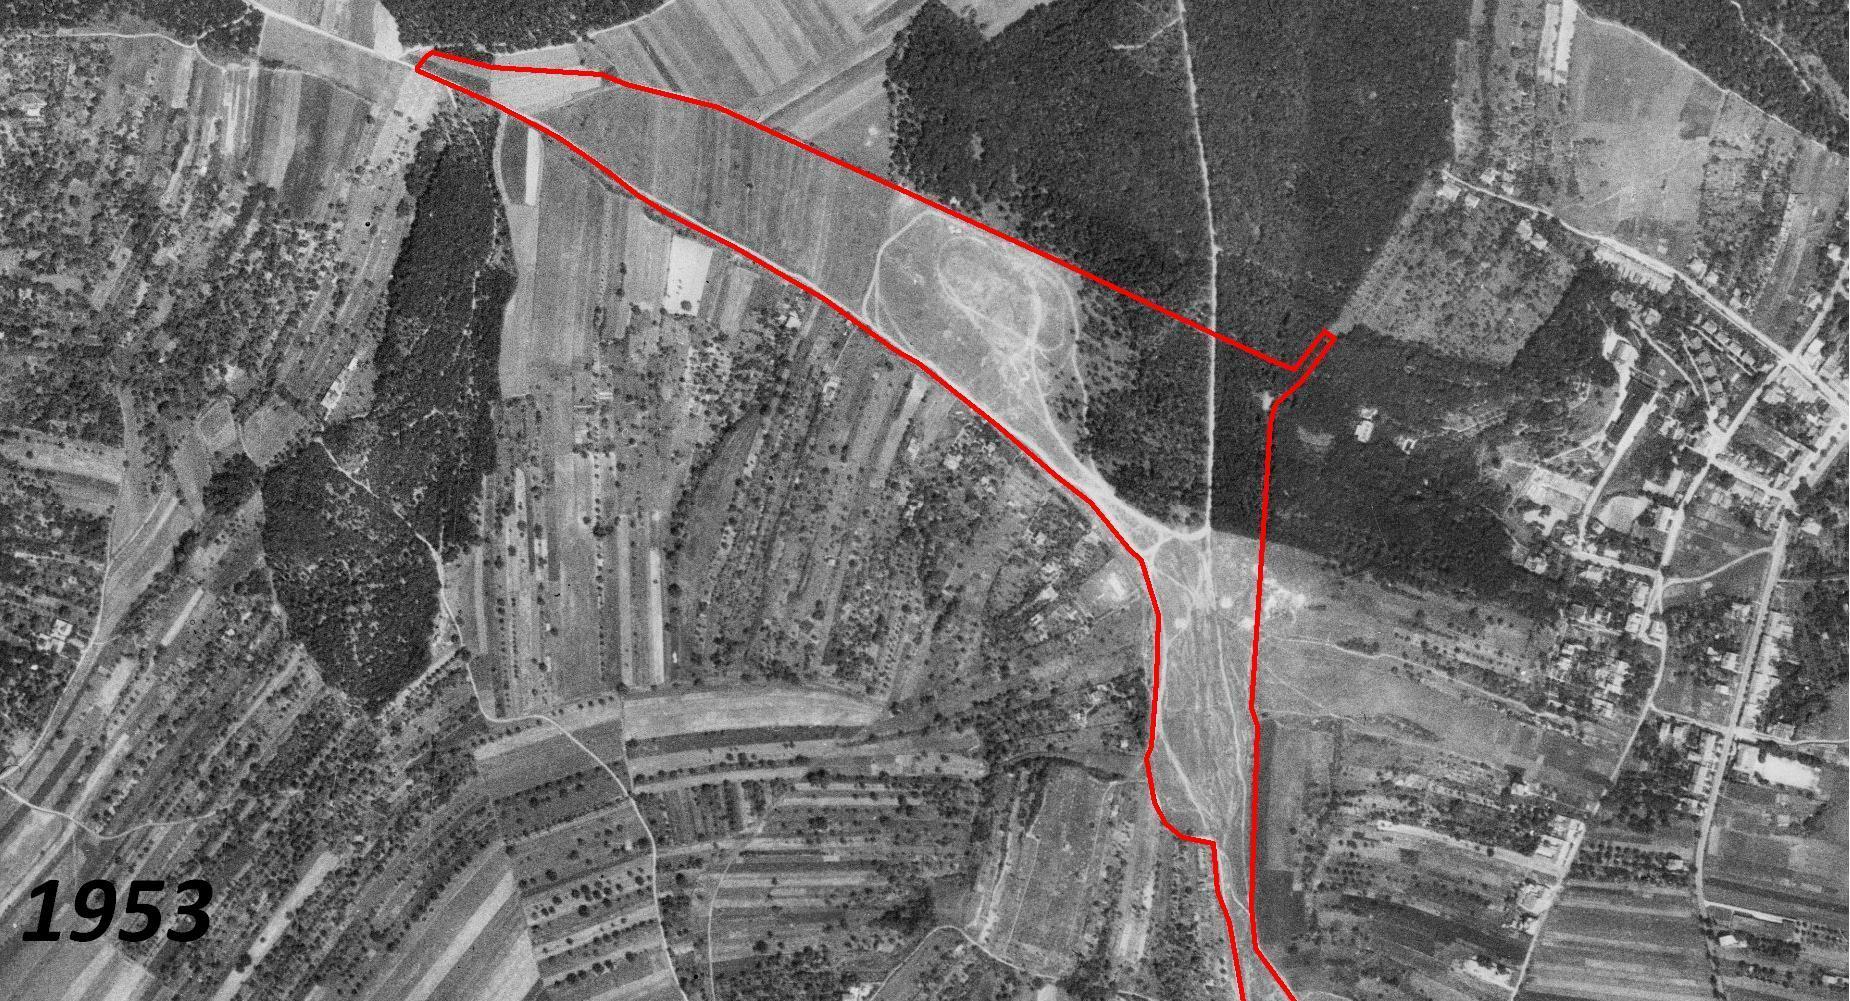 Letecký snímek z roku 1953 (zdroj: Cenia.cz)